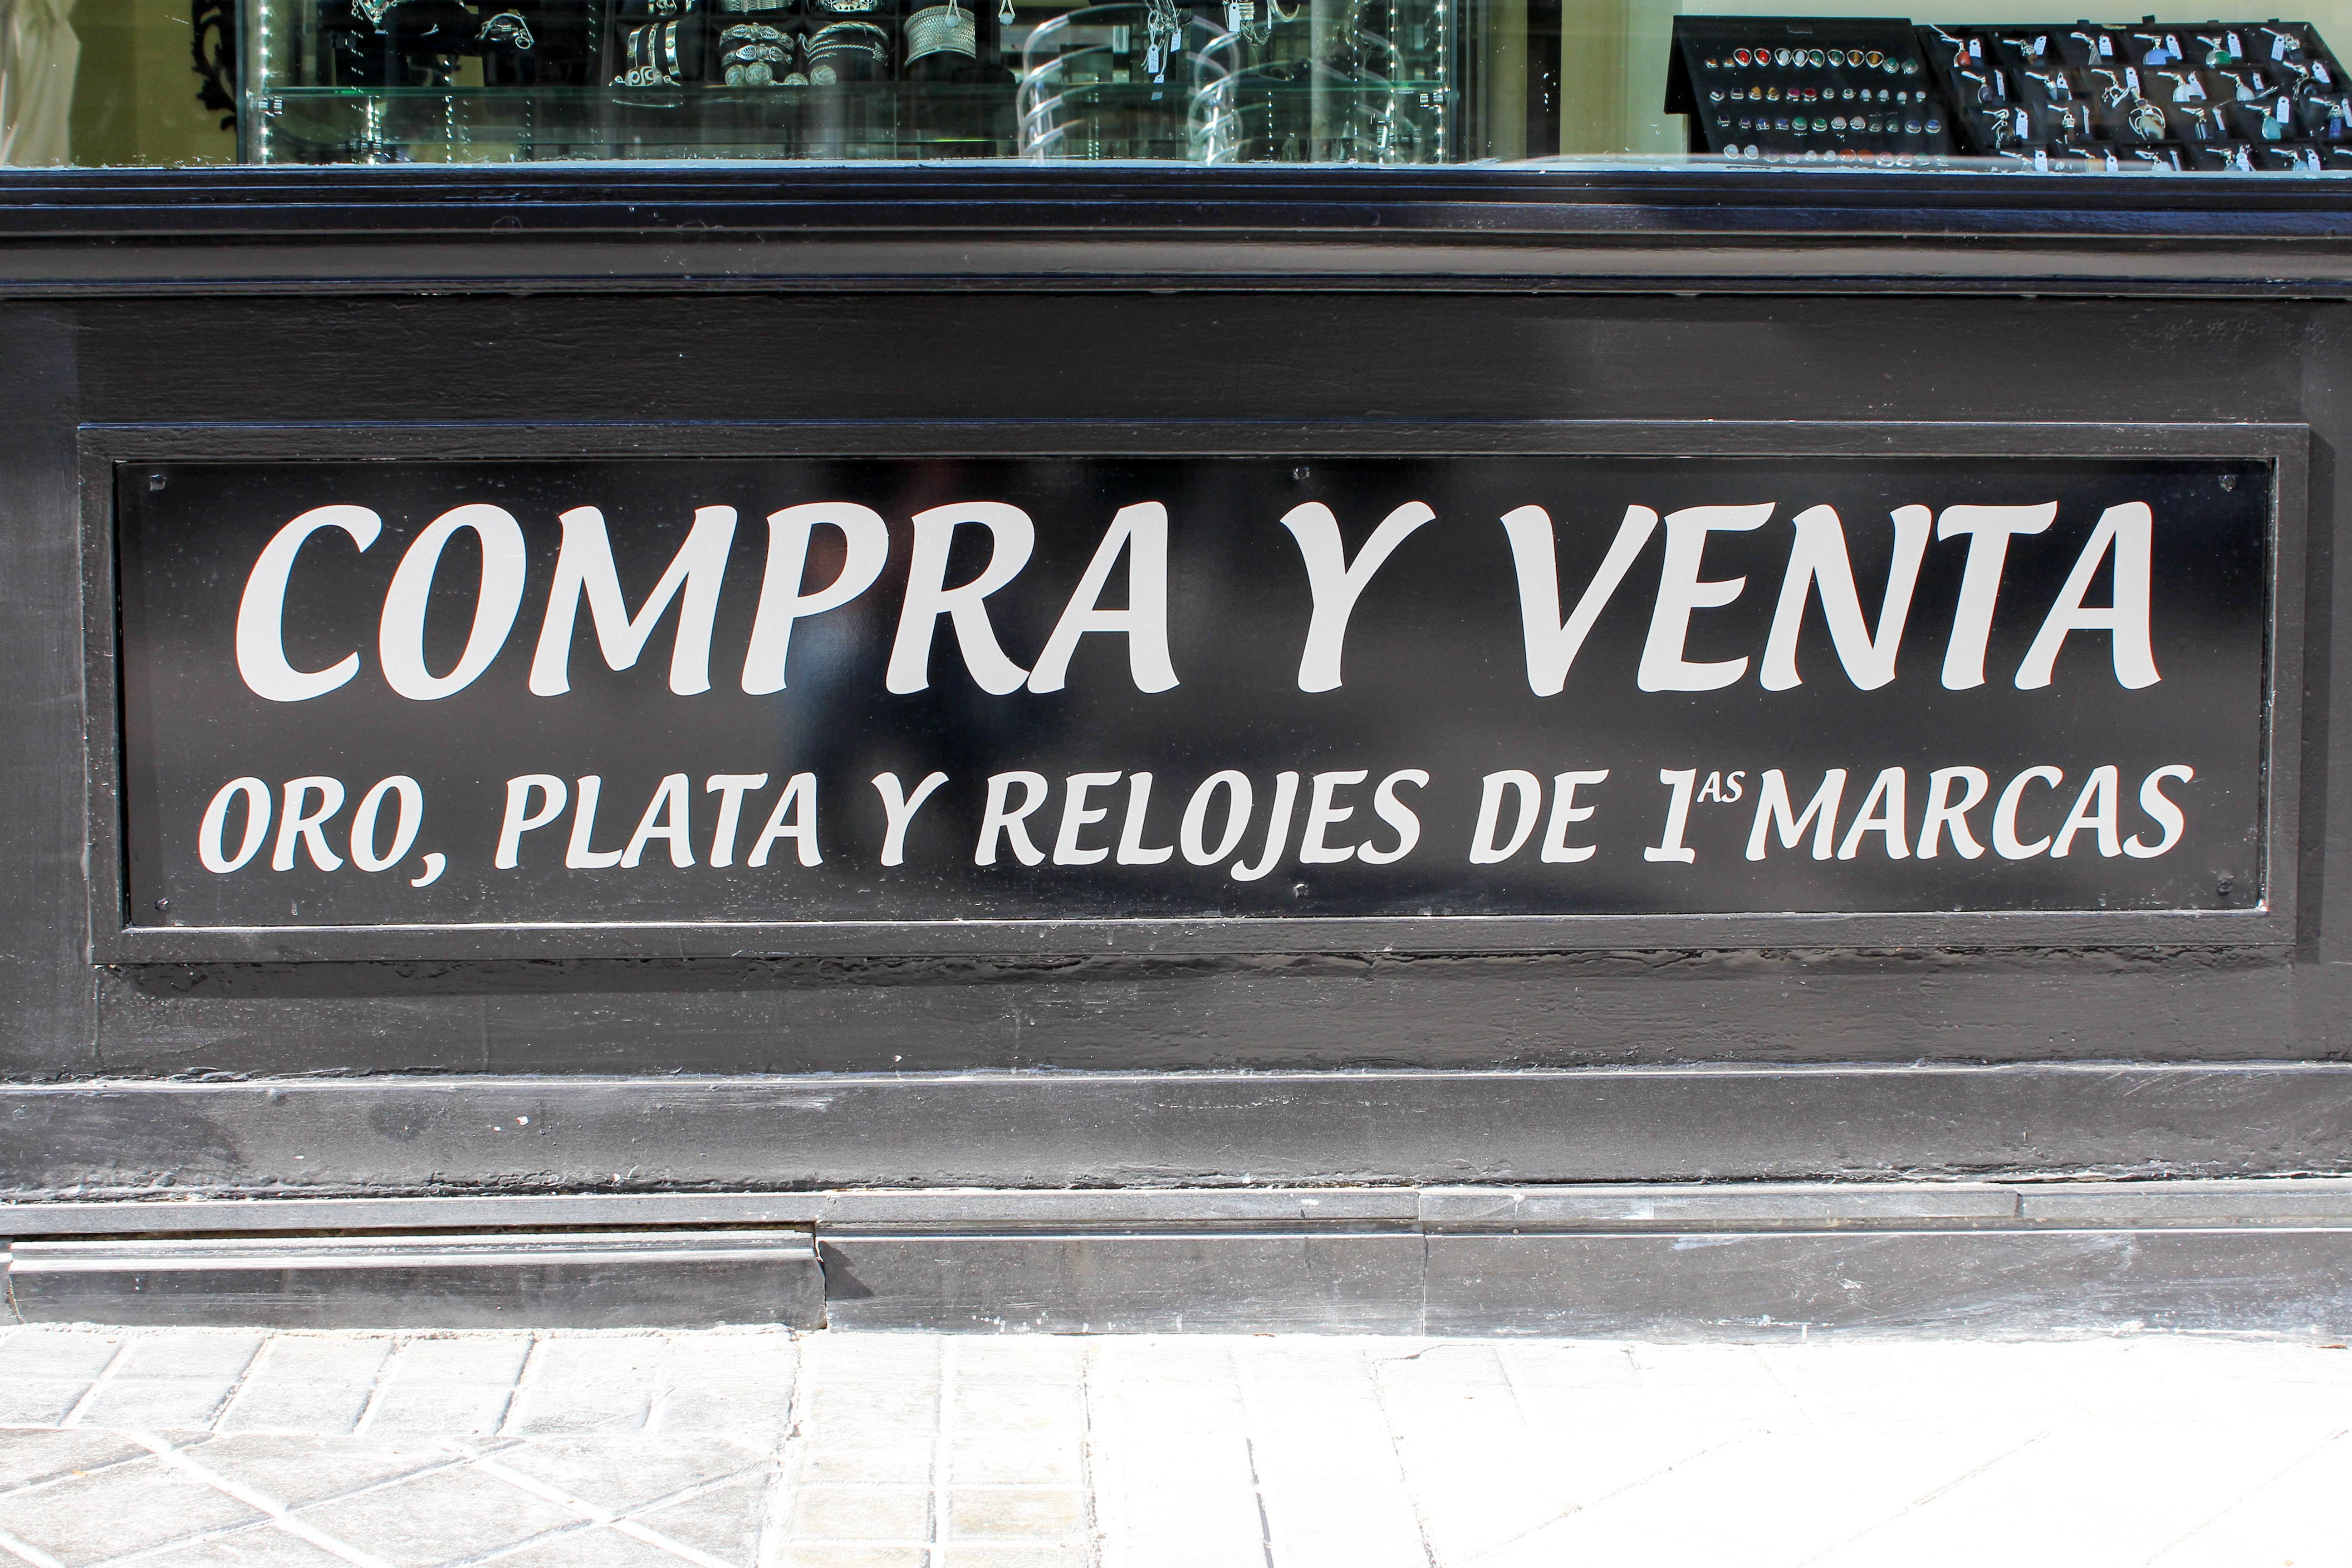 Foto 1 de Compraventa de oro y plata en Madrid   MR. SILVER & GOLD